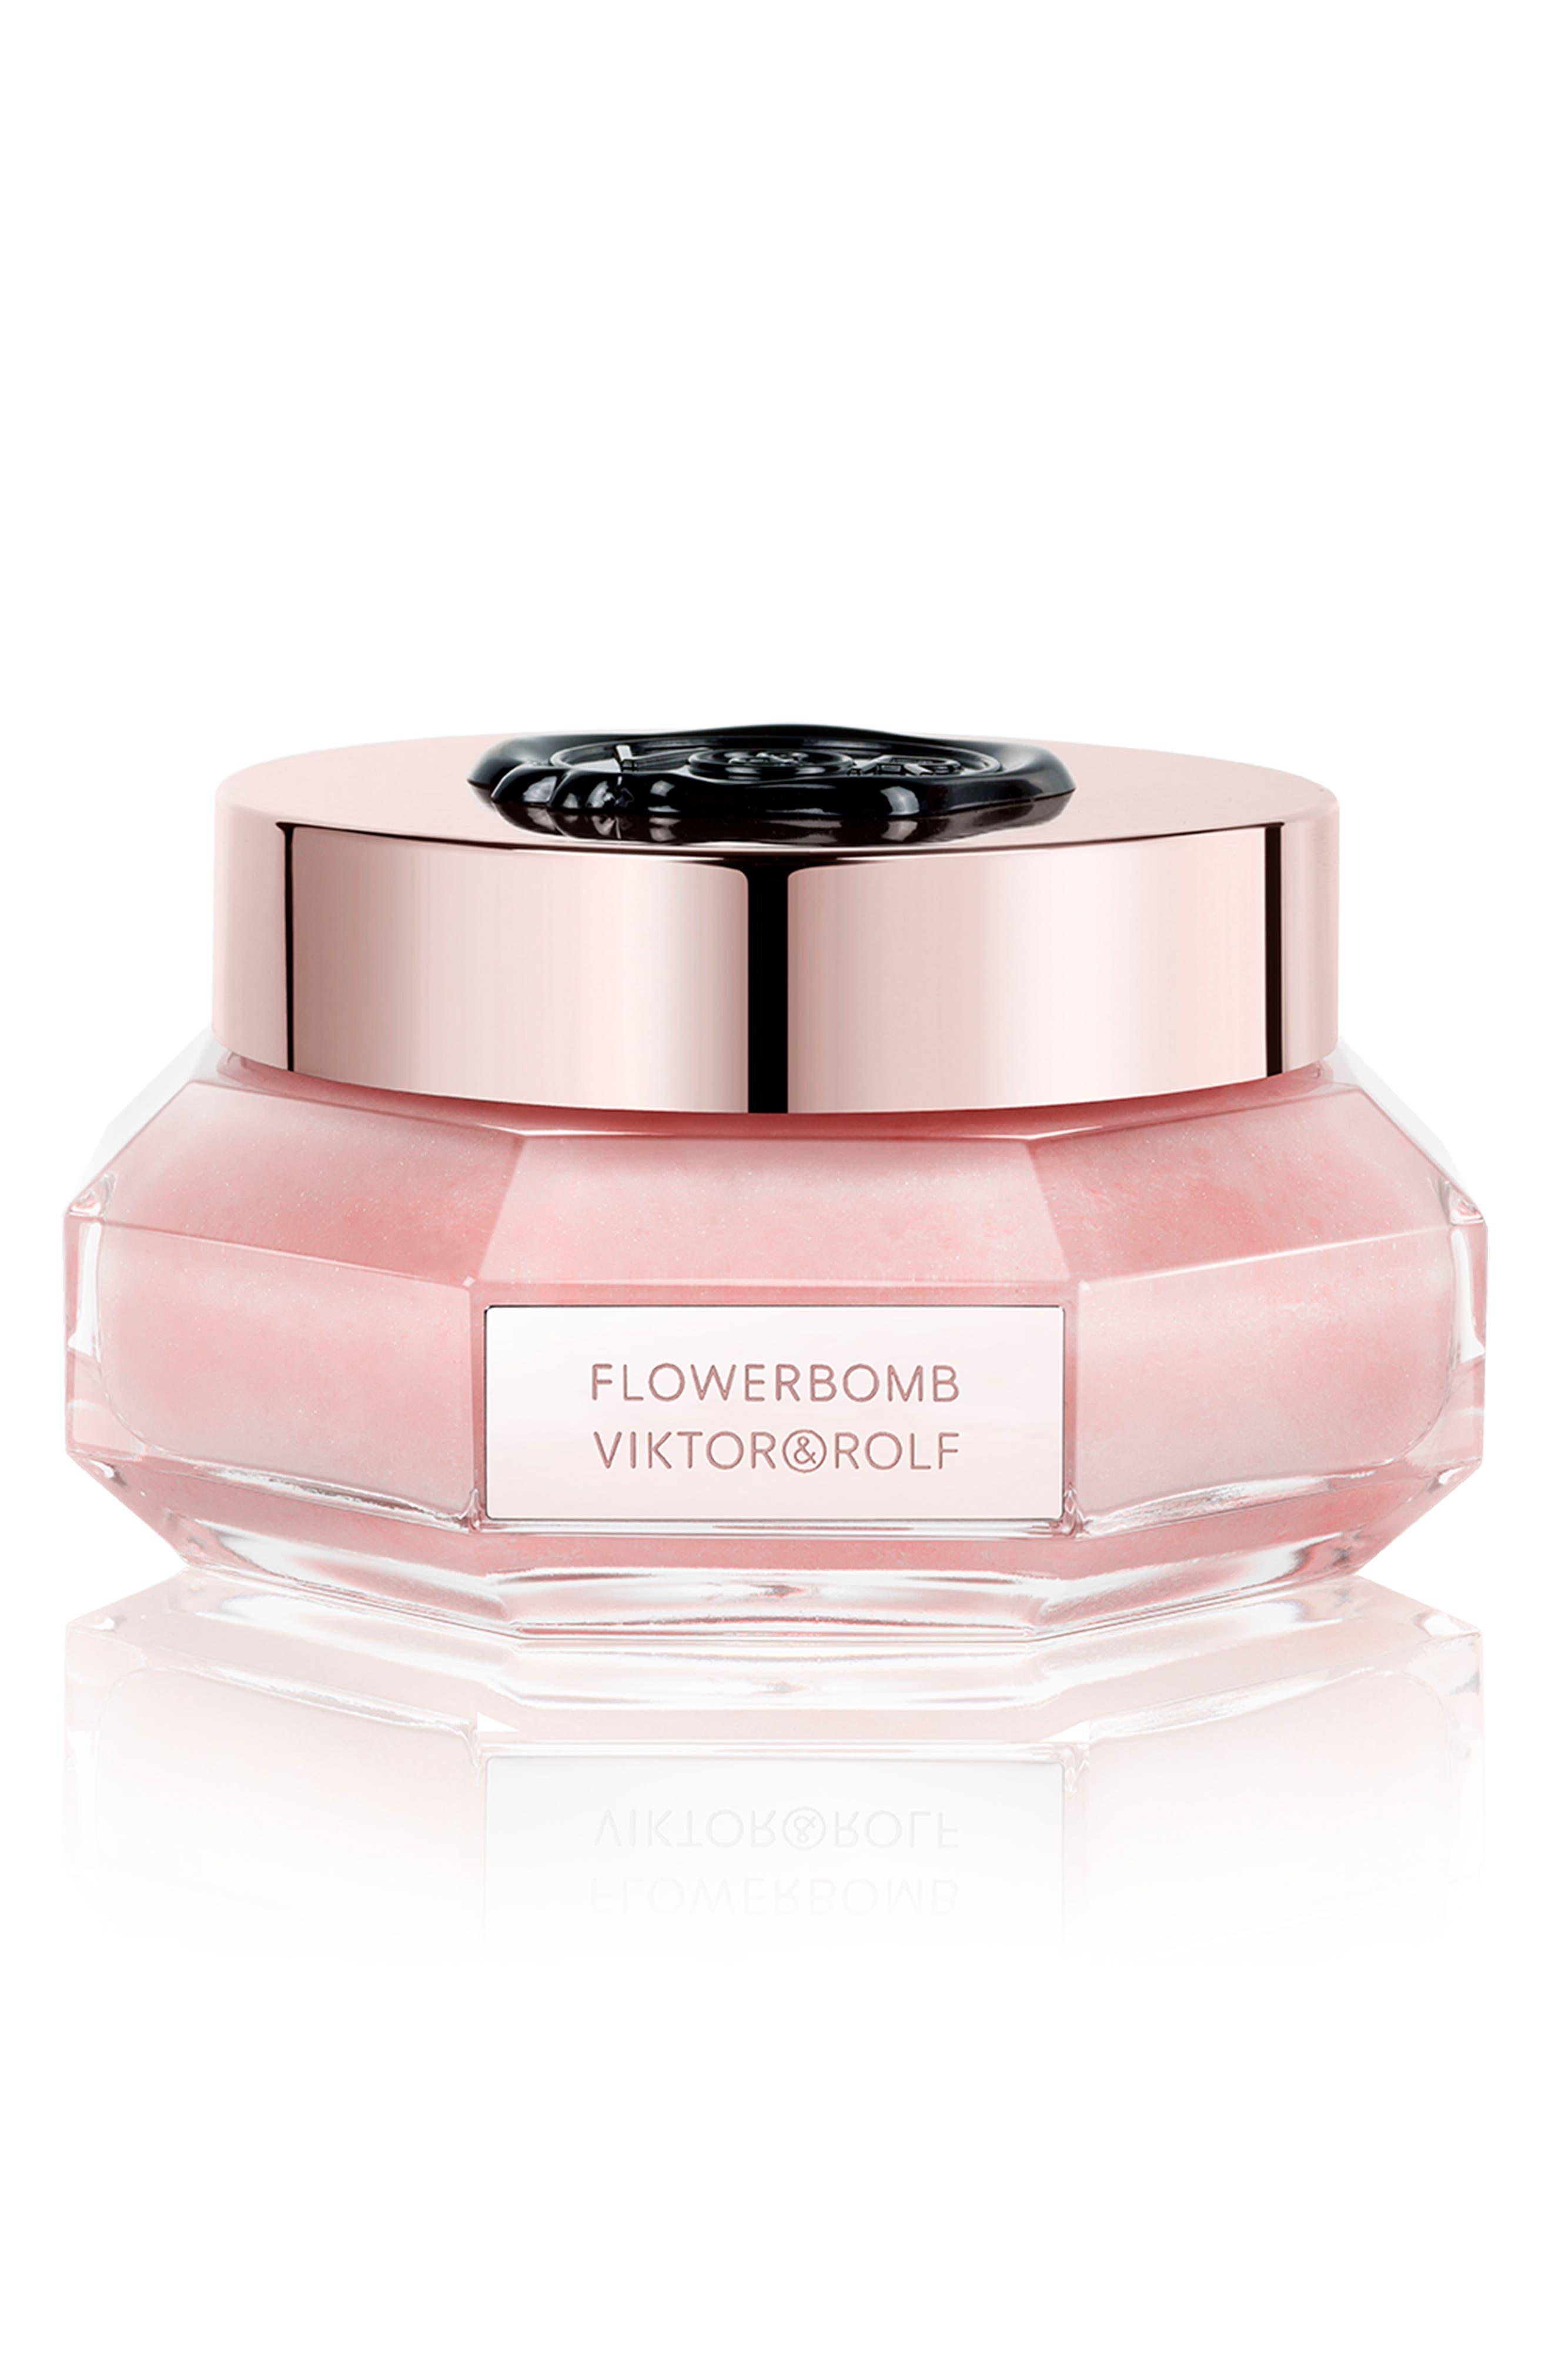 Flowerbomb Bomblicious Sugar Body Scrub,                         Main,                         color, No Color